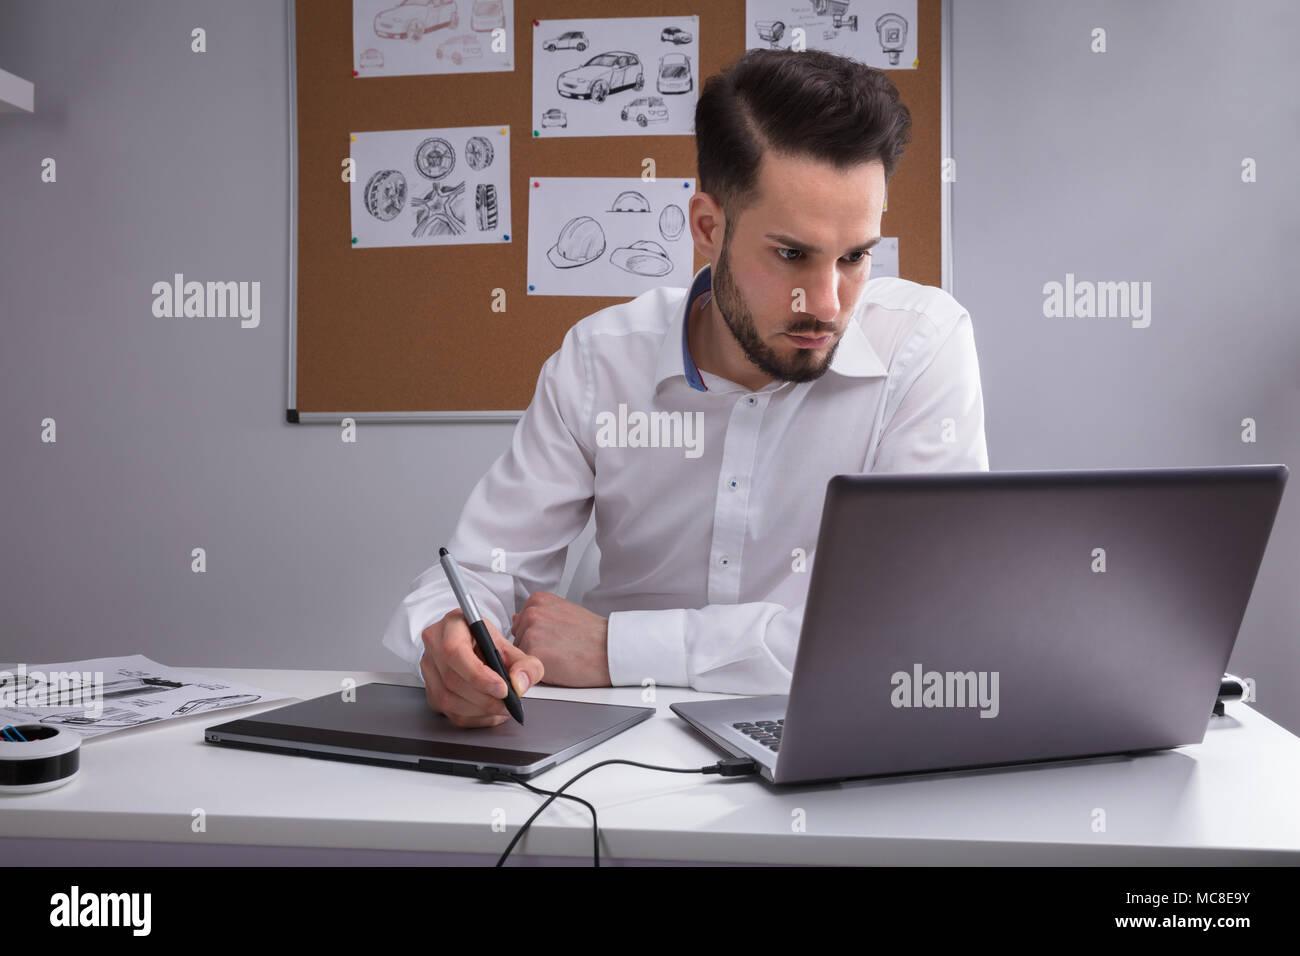 Diseñador masculino con tableta gráfica, trabajando con un portátil Imagen De Stock